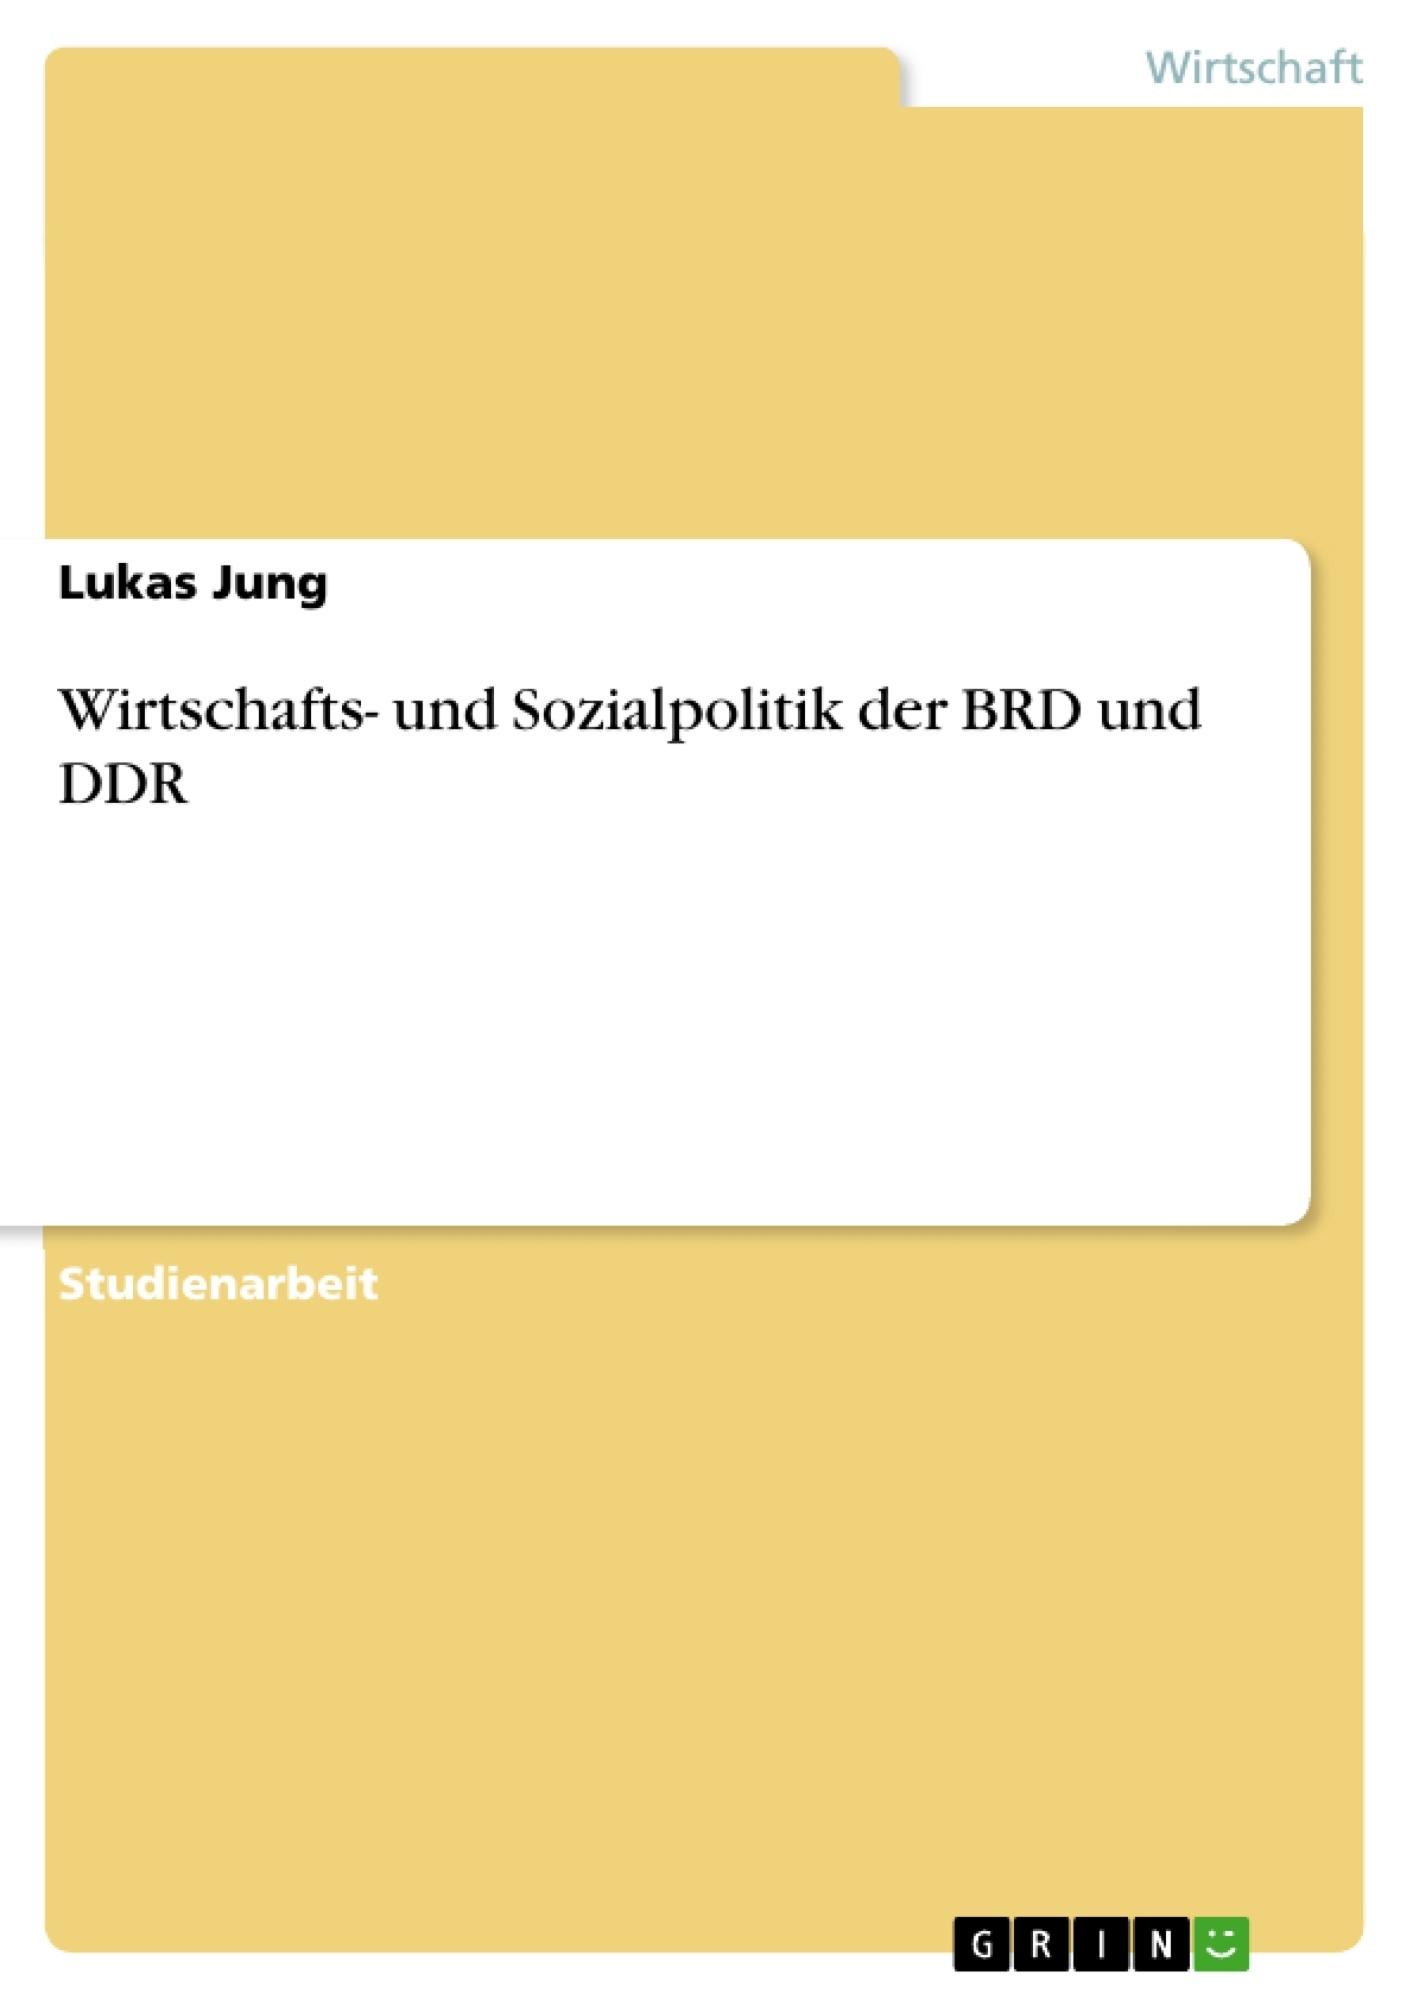 Titel: Wirtschafts- und Sozialpolitik der BRD und DDR